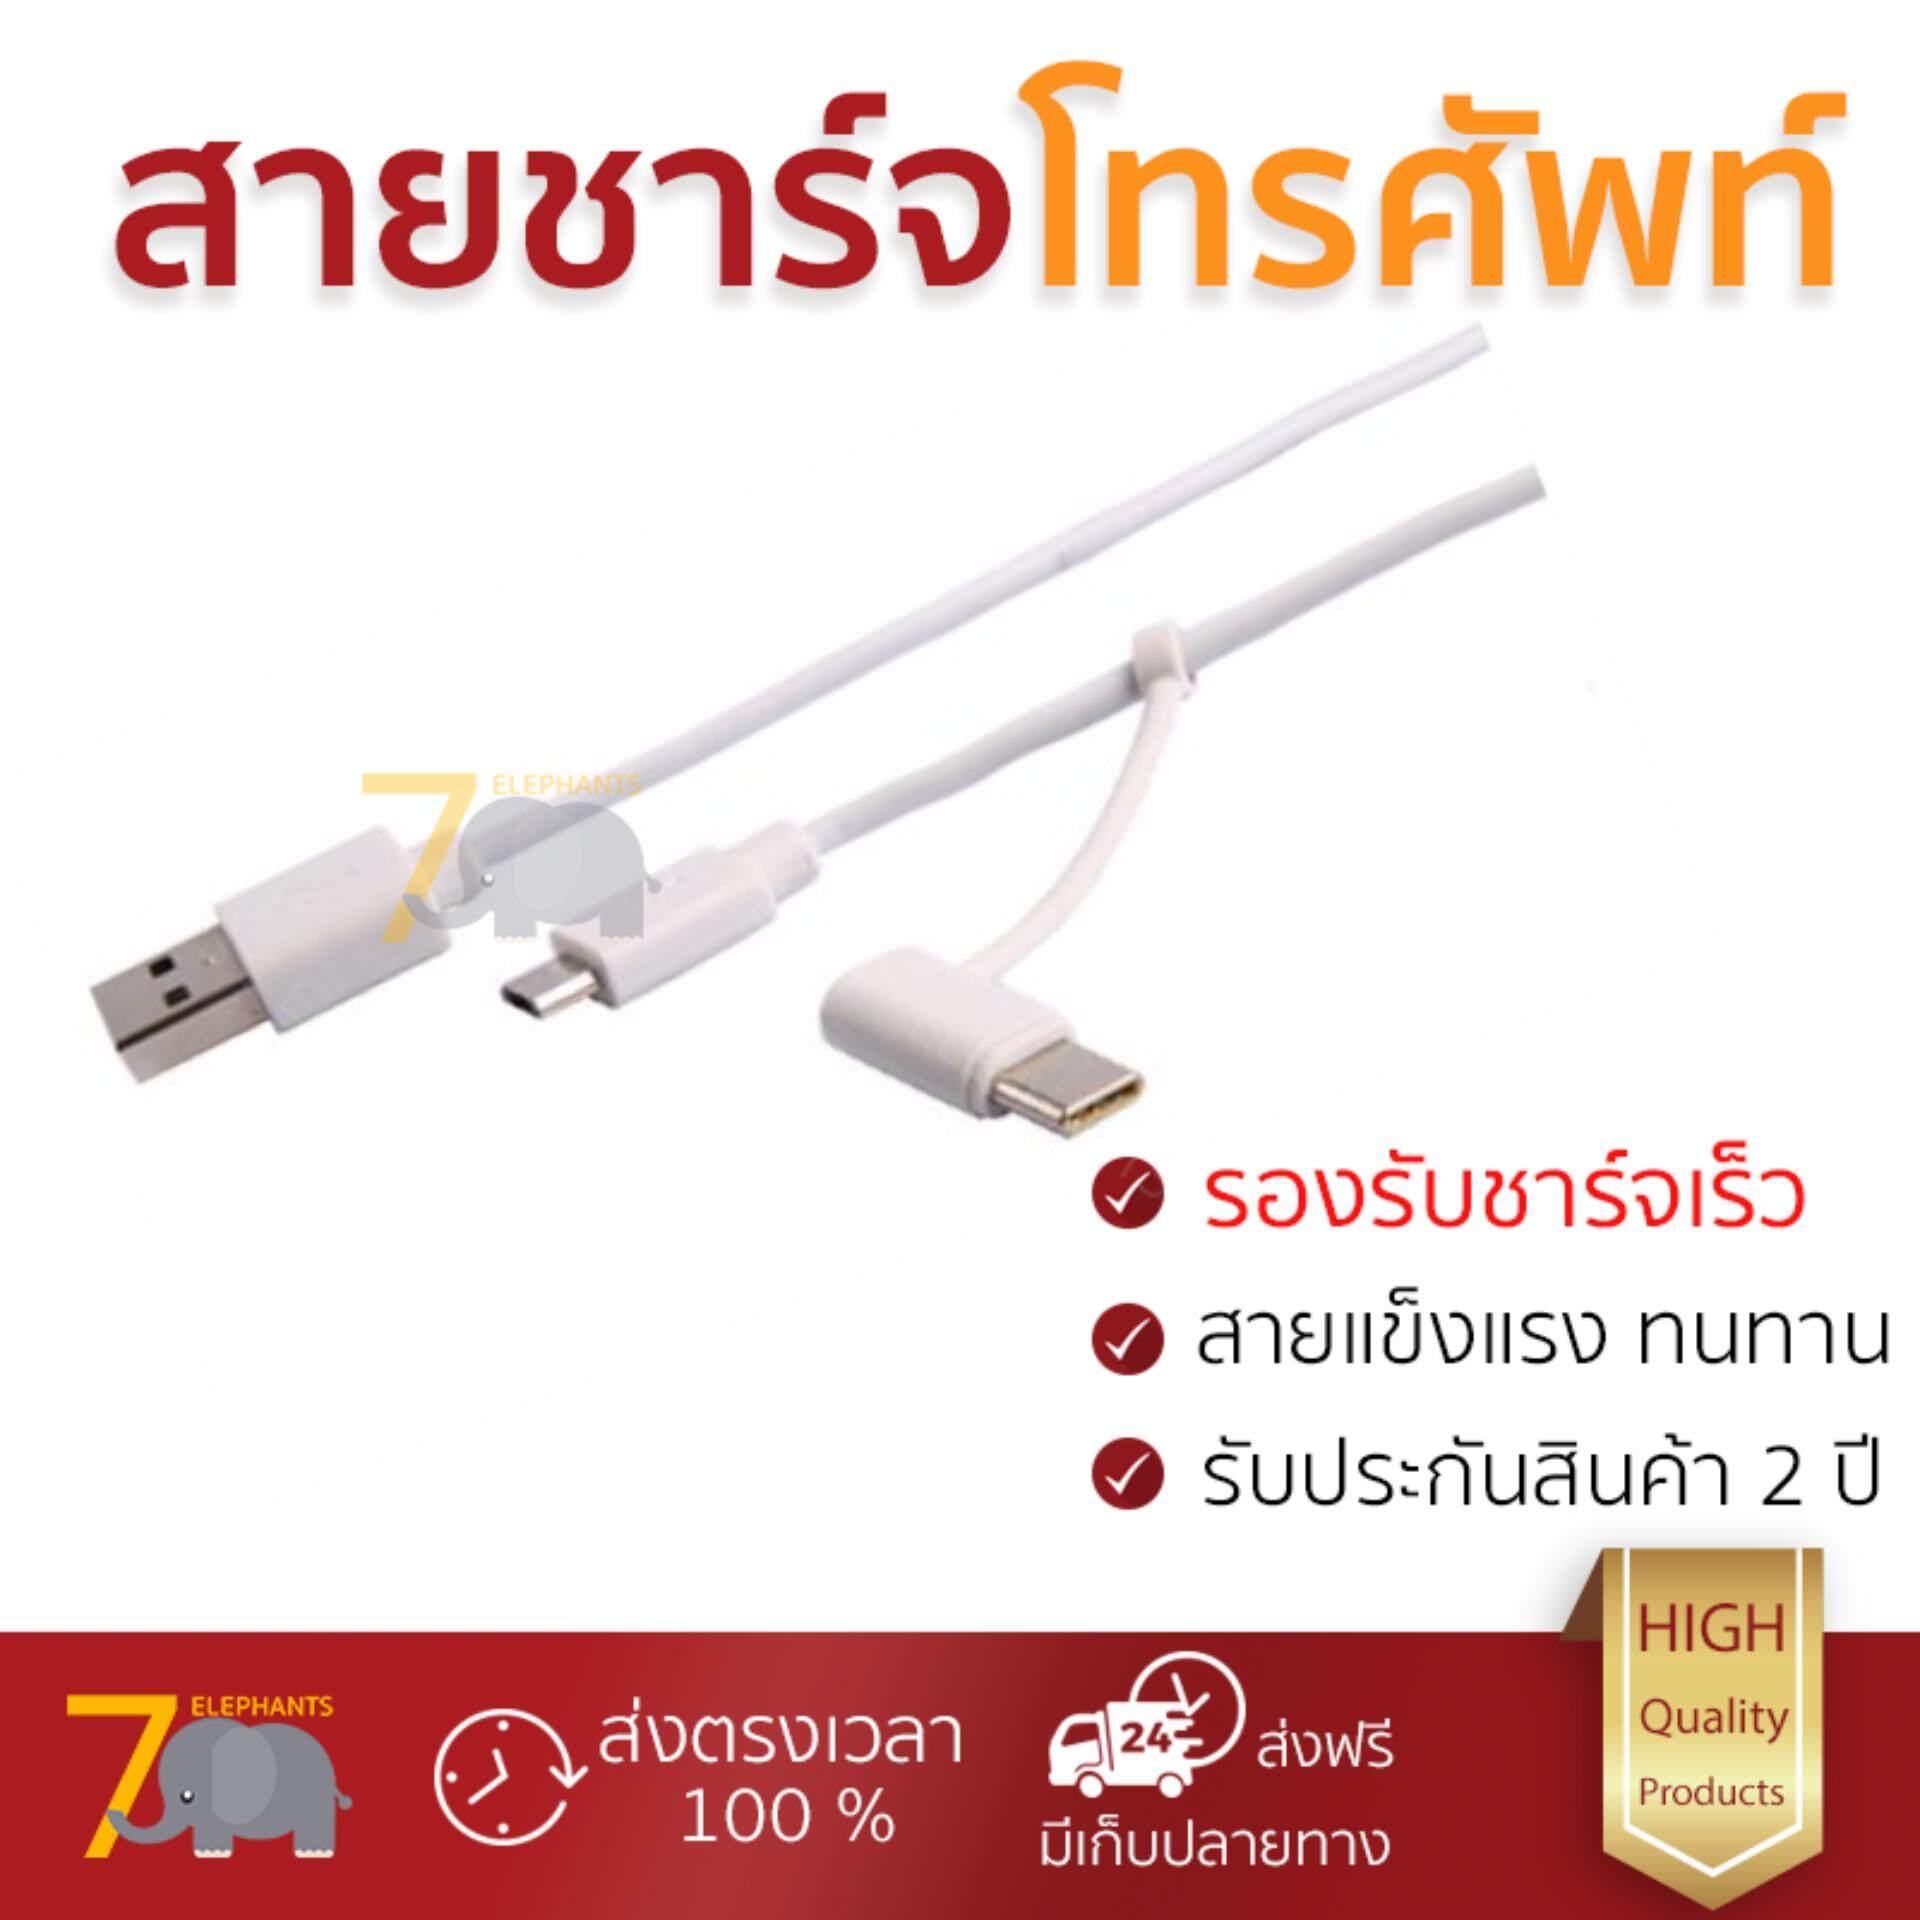 ราคาพิเศษ รุ่นยอดนิยม สายชาร์จโทรศัพท์ Omars 2in1 USB-C & Micro USB cable 1M White สายชาร์จทนทาน แข็งแรง จ่ายไฟเร็ว Mobile Cable จัดส่งฟรี Kerry ทั่วประเทศ